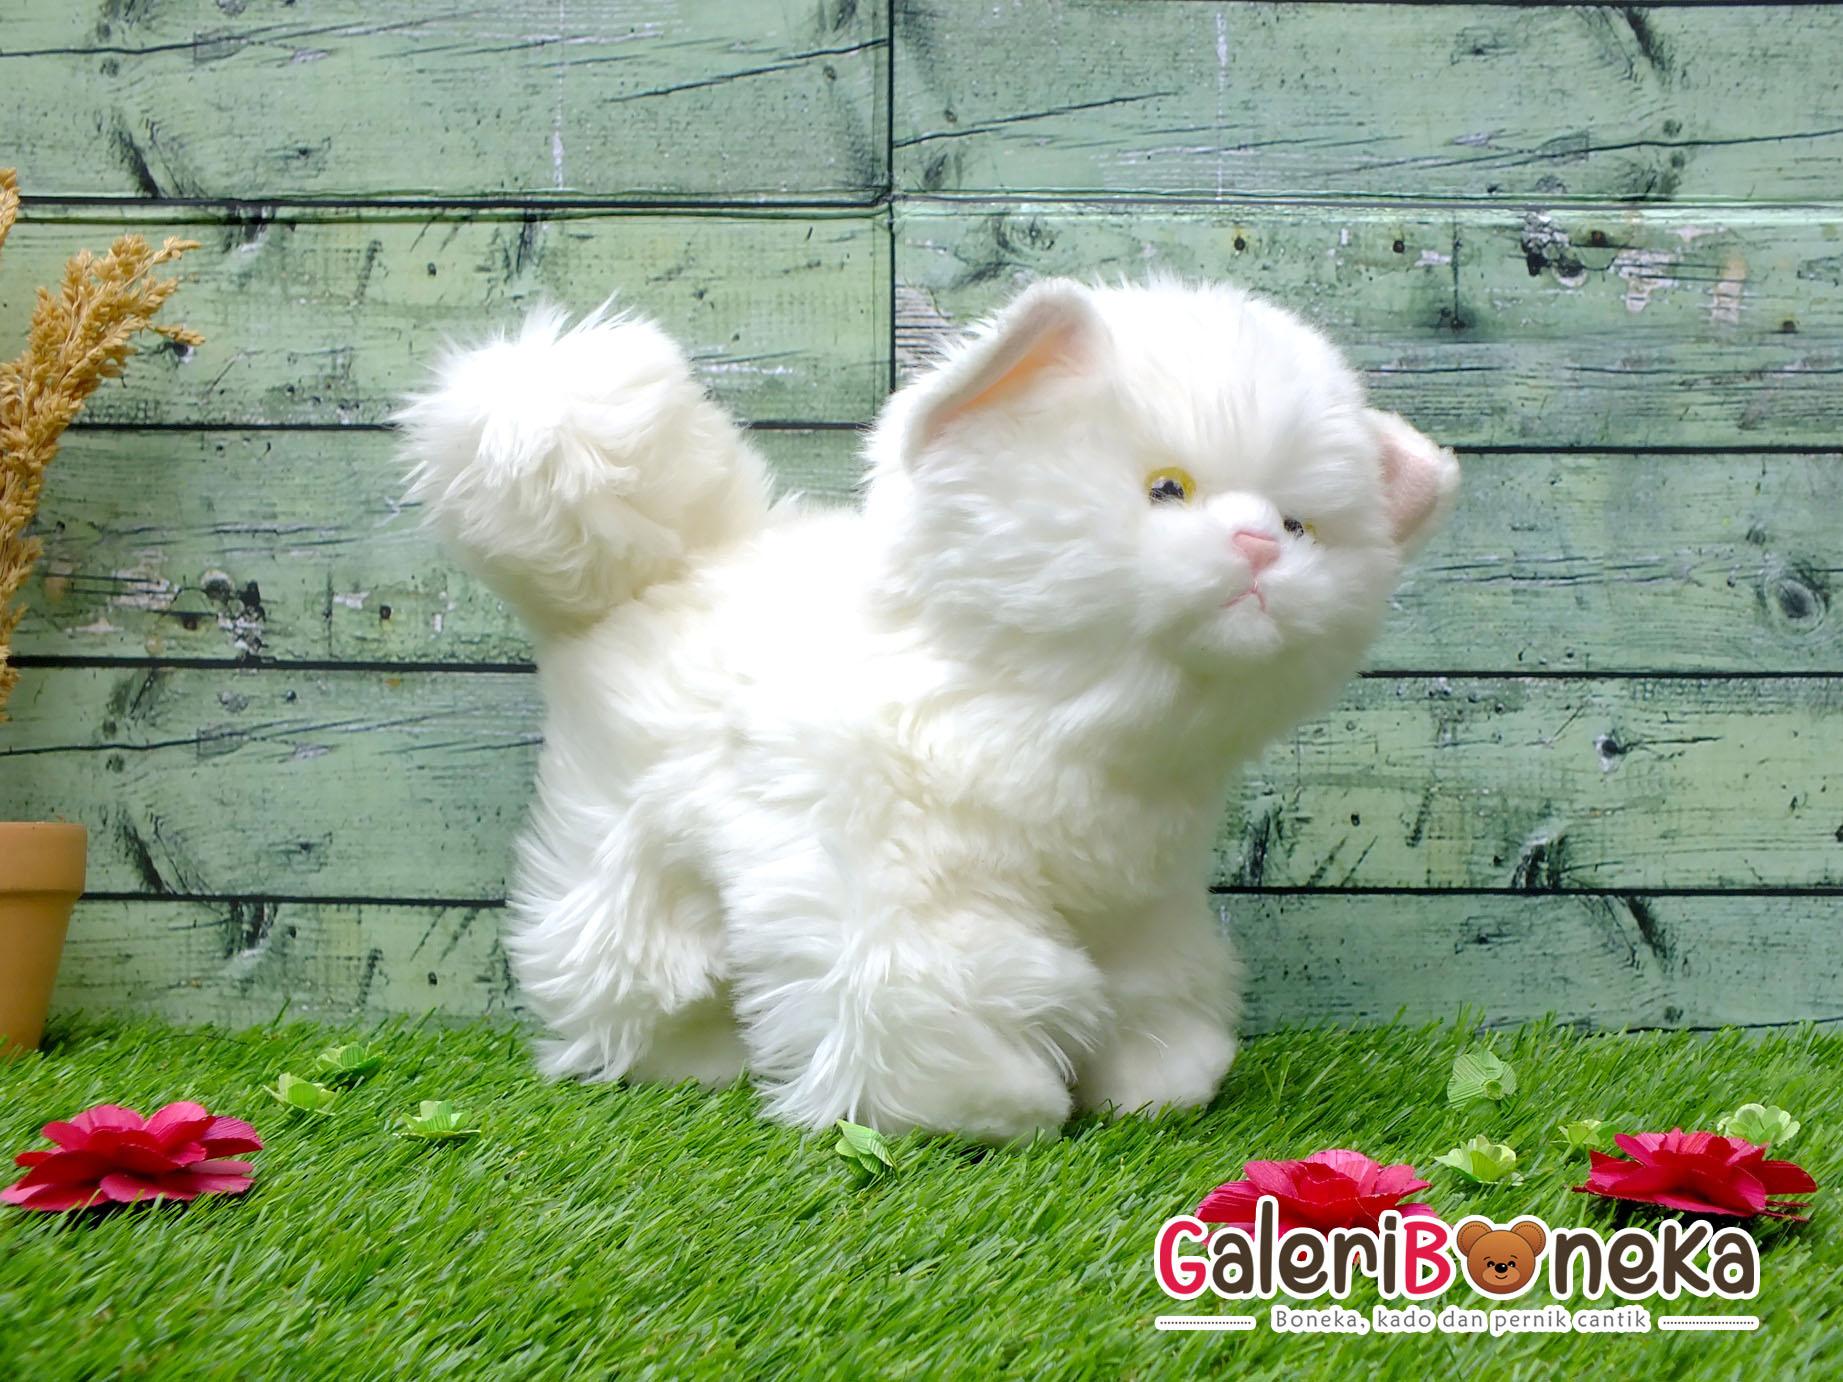 Boneka Kucing Putih ( HK - 337235 )